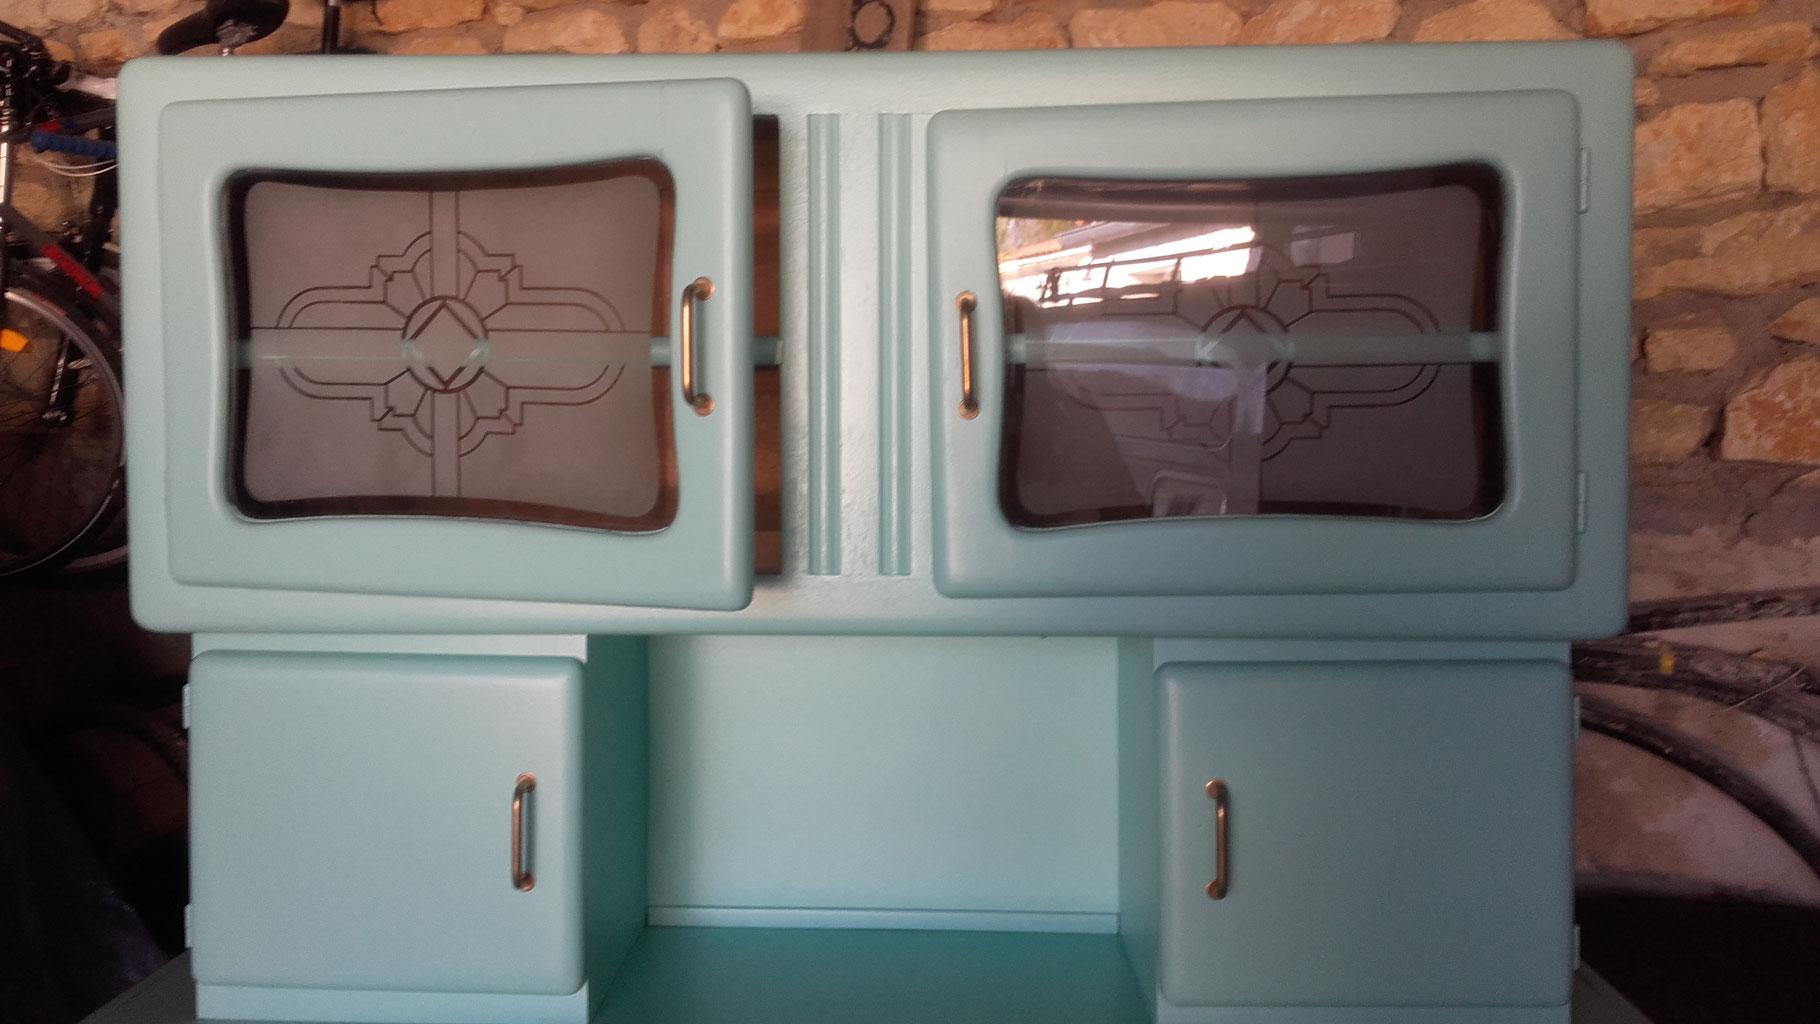 restauration de meubles anciens ou vintage mado de pied en cap costumes d 39 poque et de. Black Bedroom Furniture Sets. Home Design Ideas